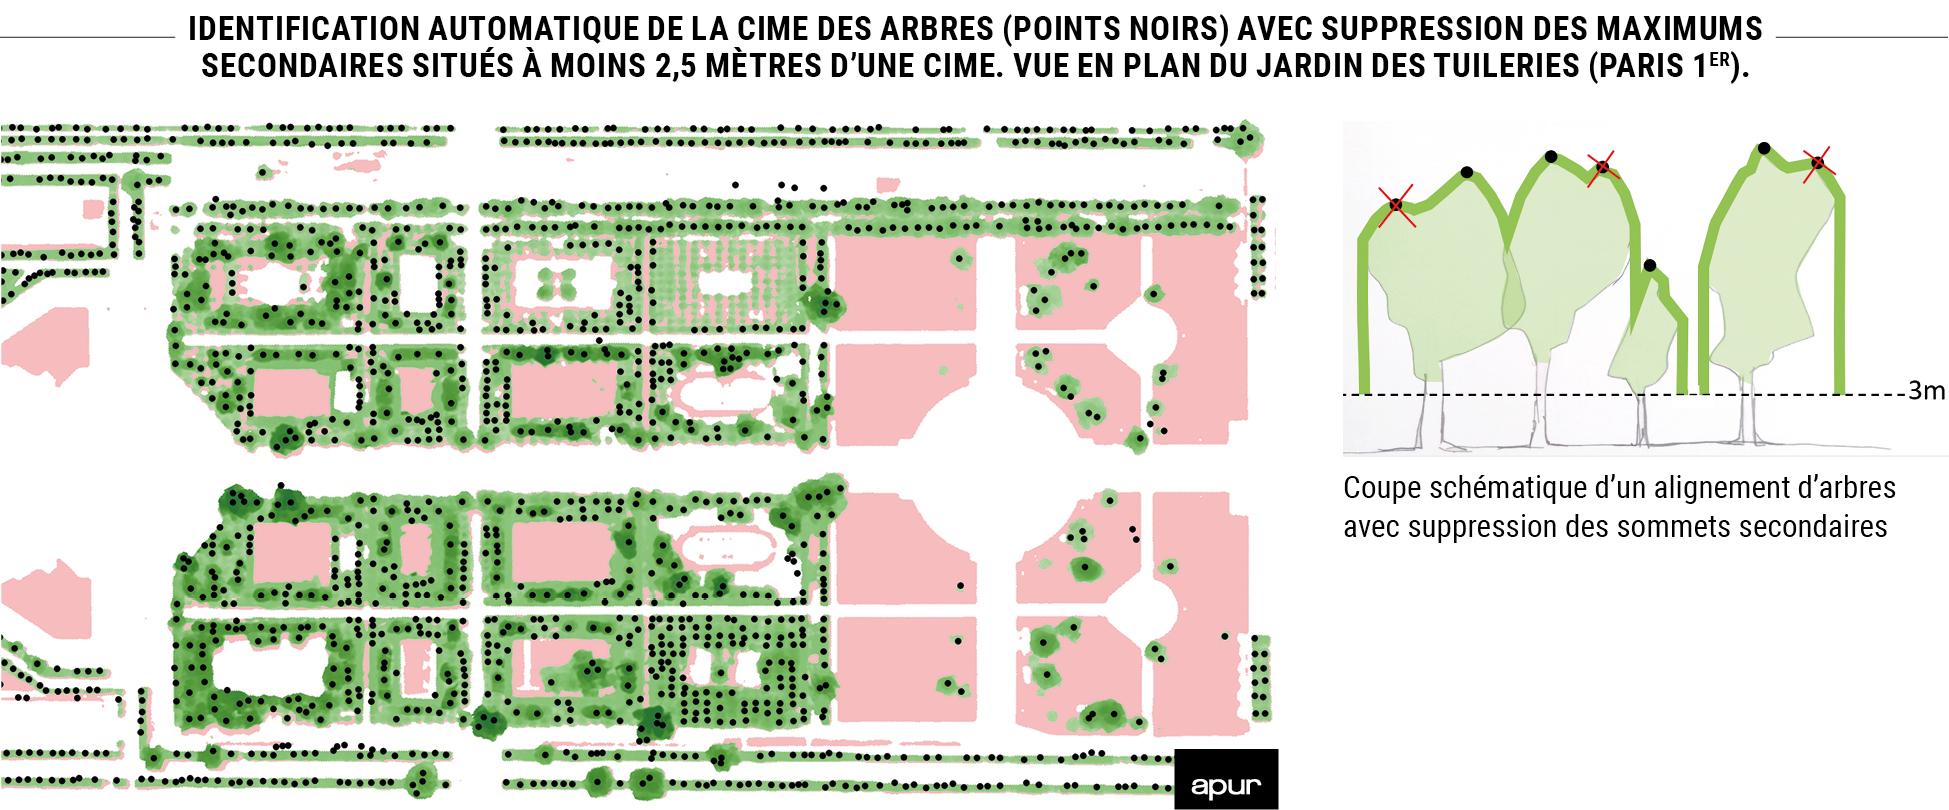 Identification automatique de la cime des arbres (points noirs) avec suppression des maximums secondaires situés à moins 2,5 mètres d'une cime. Vue en plan du Jardin des Tuileries (Paris 1er). © Apur